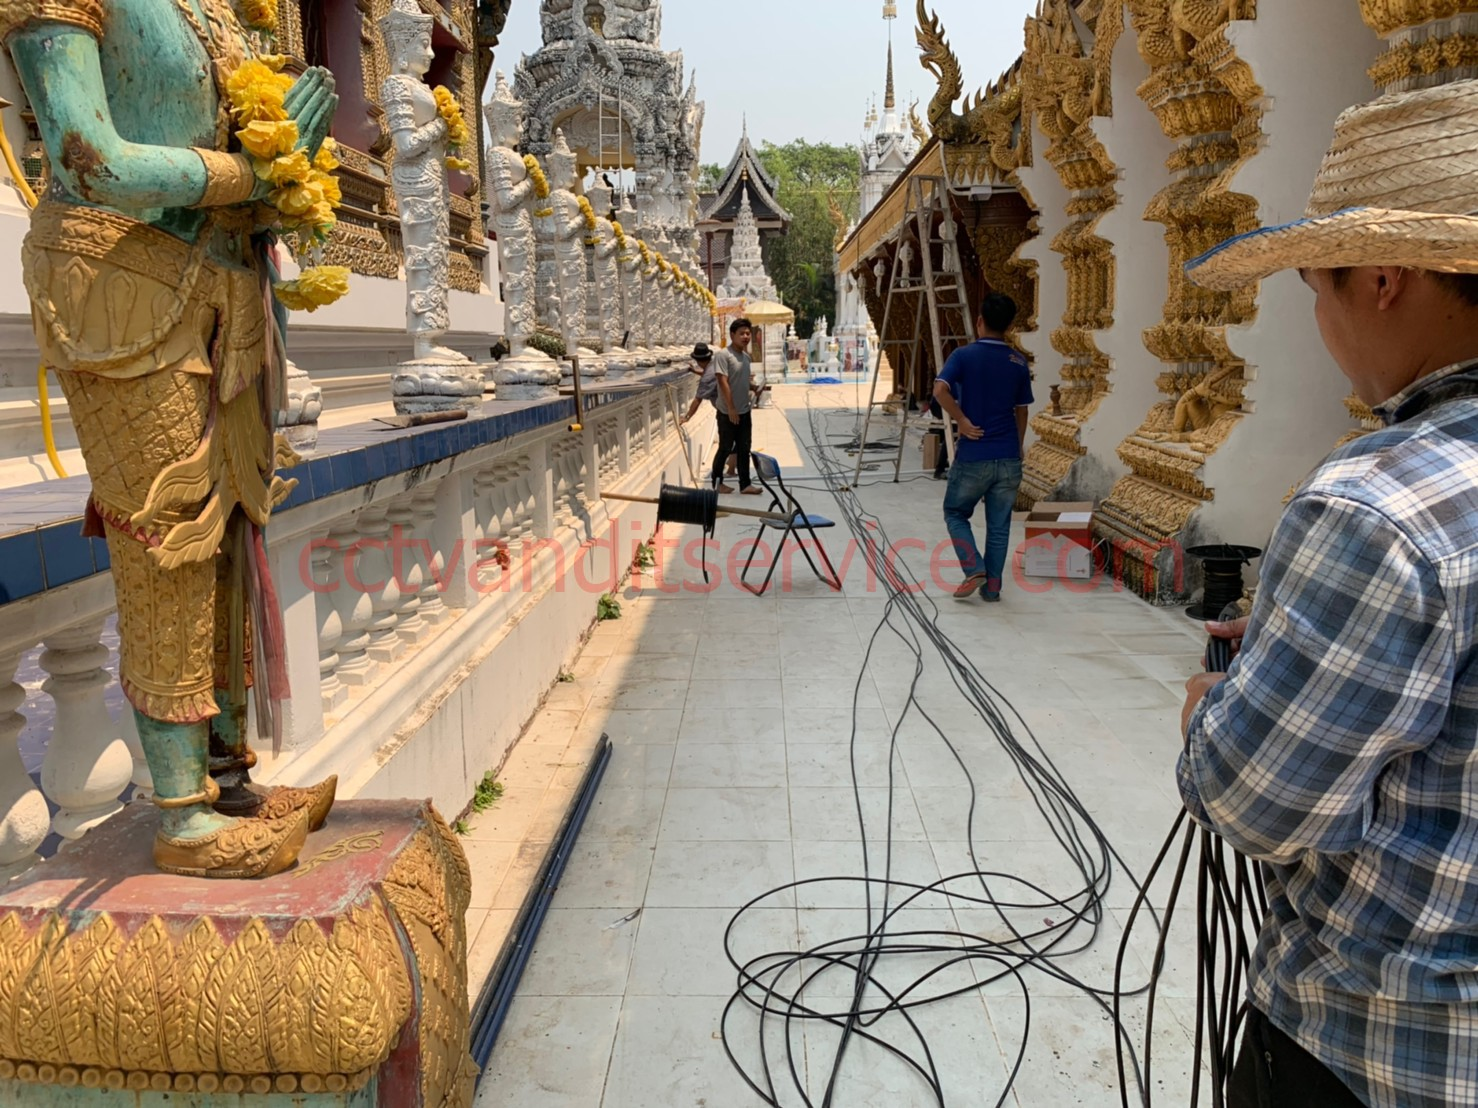 กล้องวงจรปิด HIKVISION & HiLook Thailand งานรายวันติดตั้งกล้องวงจรปิดhilook 4ch 8ch 16ch ตามบ้านลูกค้าทั่วไป ช่างติดตั้งรวดเร็วเป็นระเบียบเก็บสายเรียบร้อยสวยงาม ราคาถูก